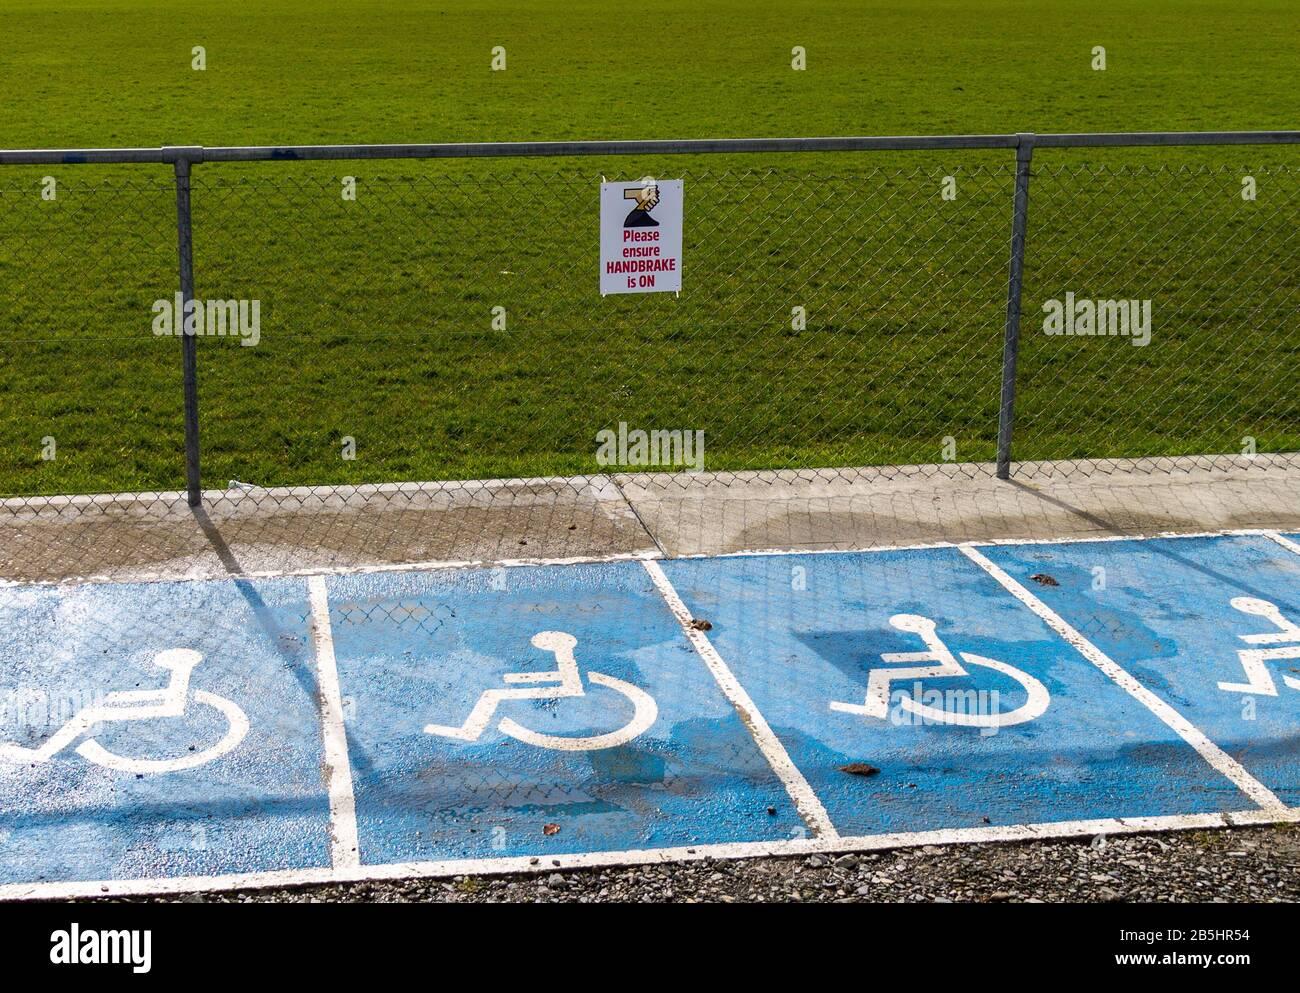 apply-handbrake-sign-in-disabled-parking-area-2B5HR54.jpg